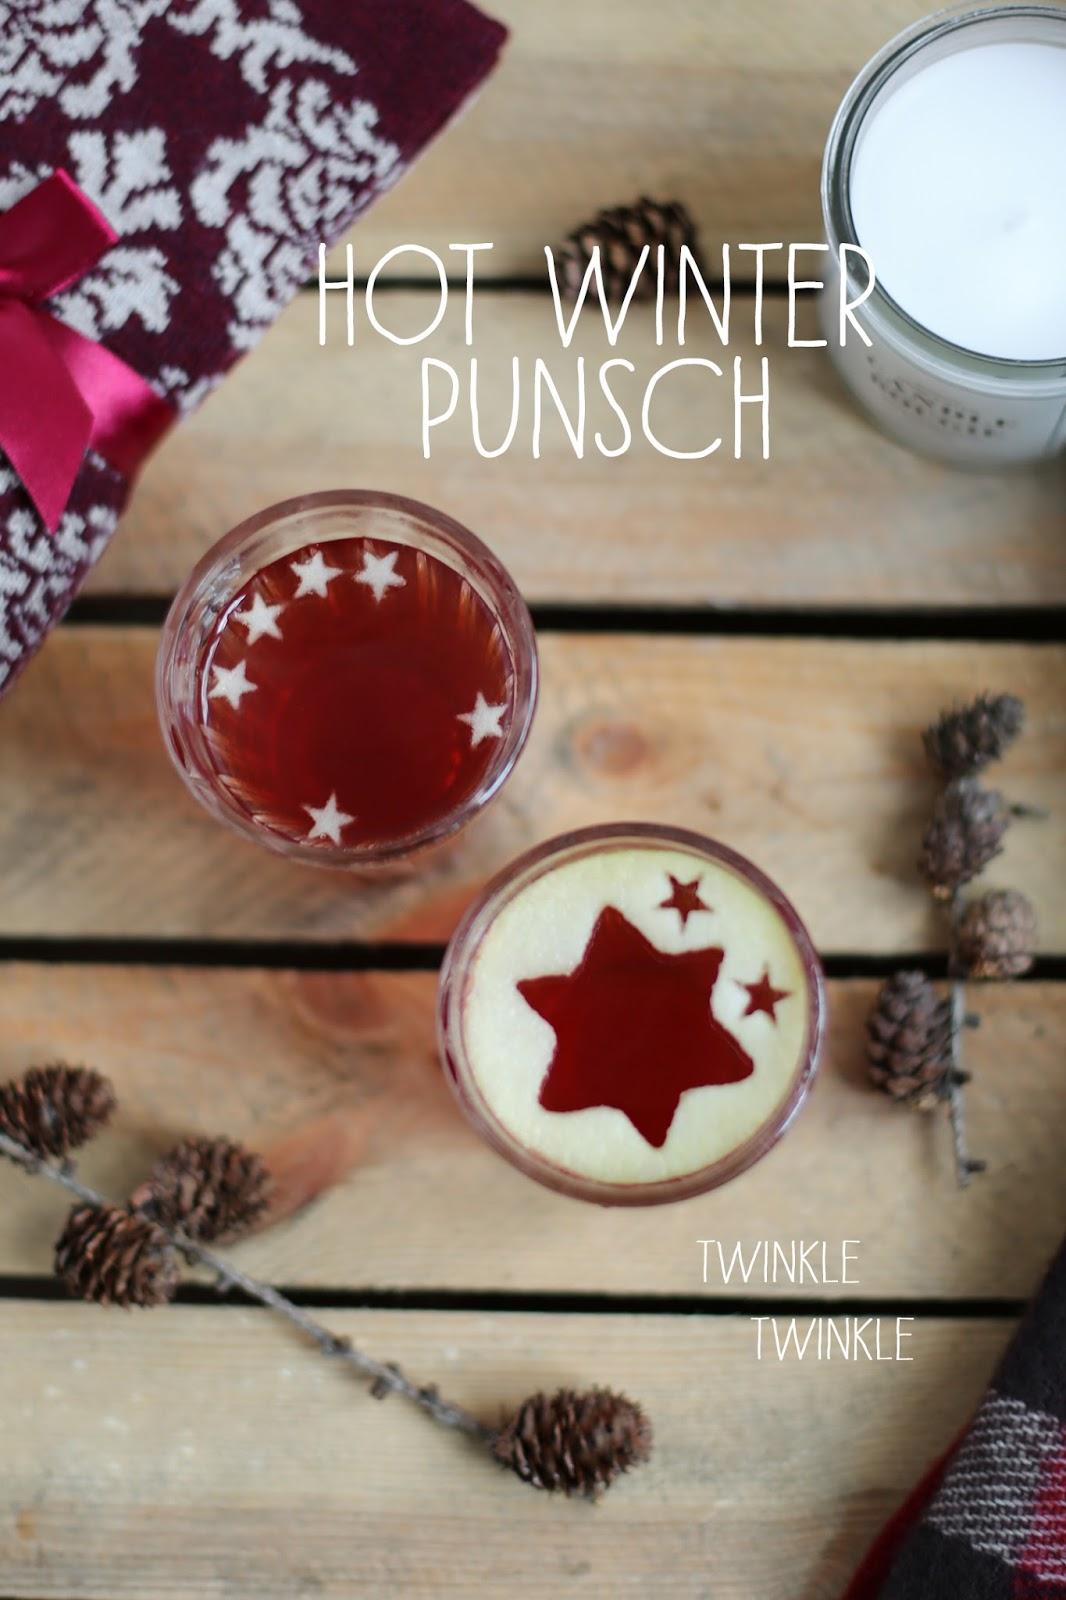 Hot Winter Punsch